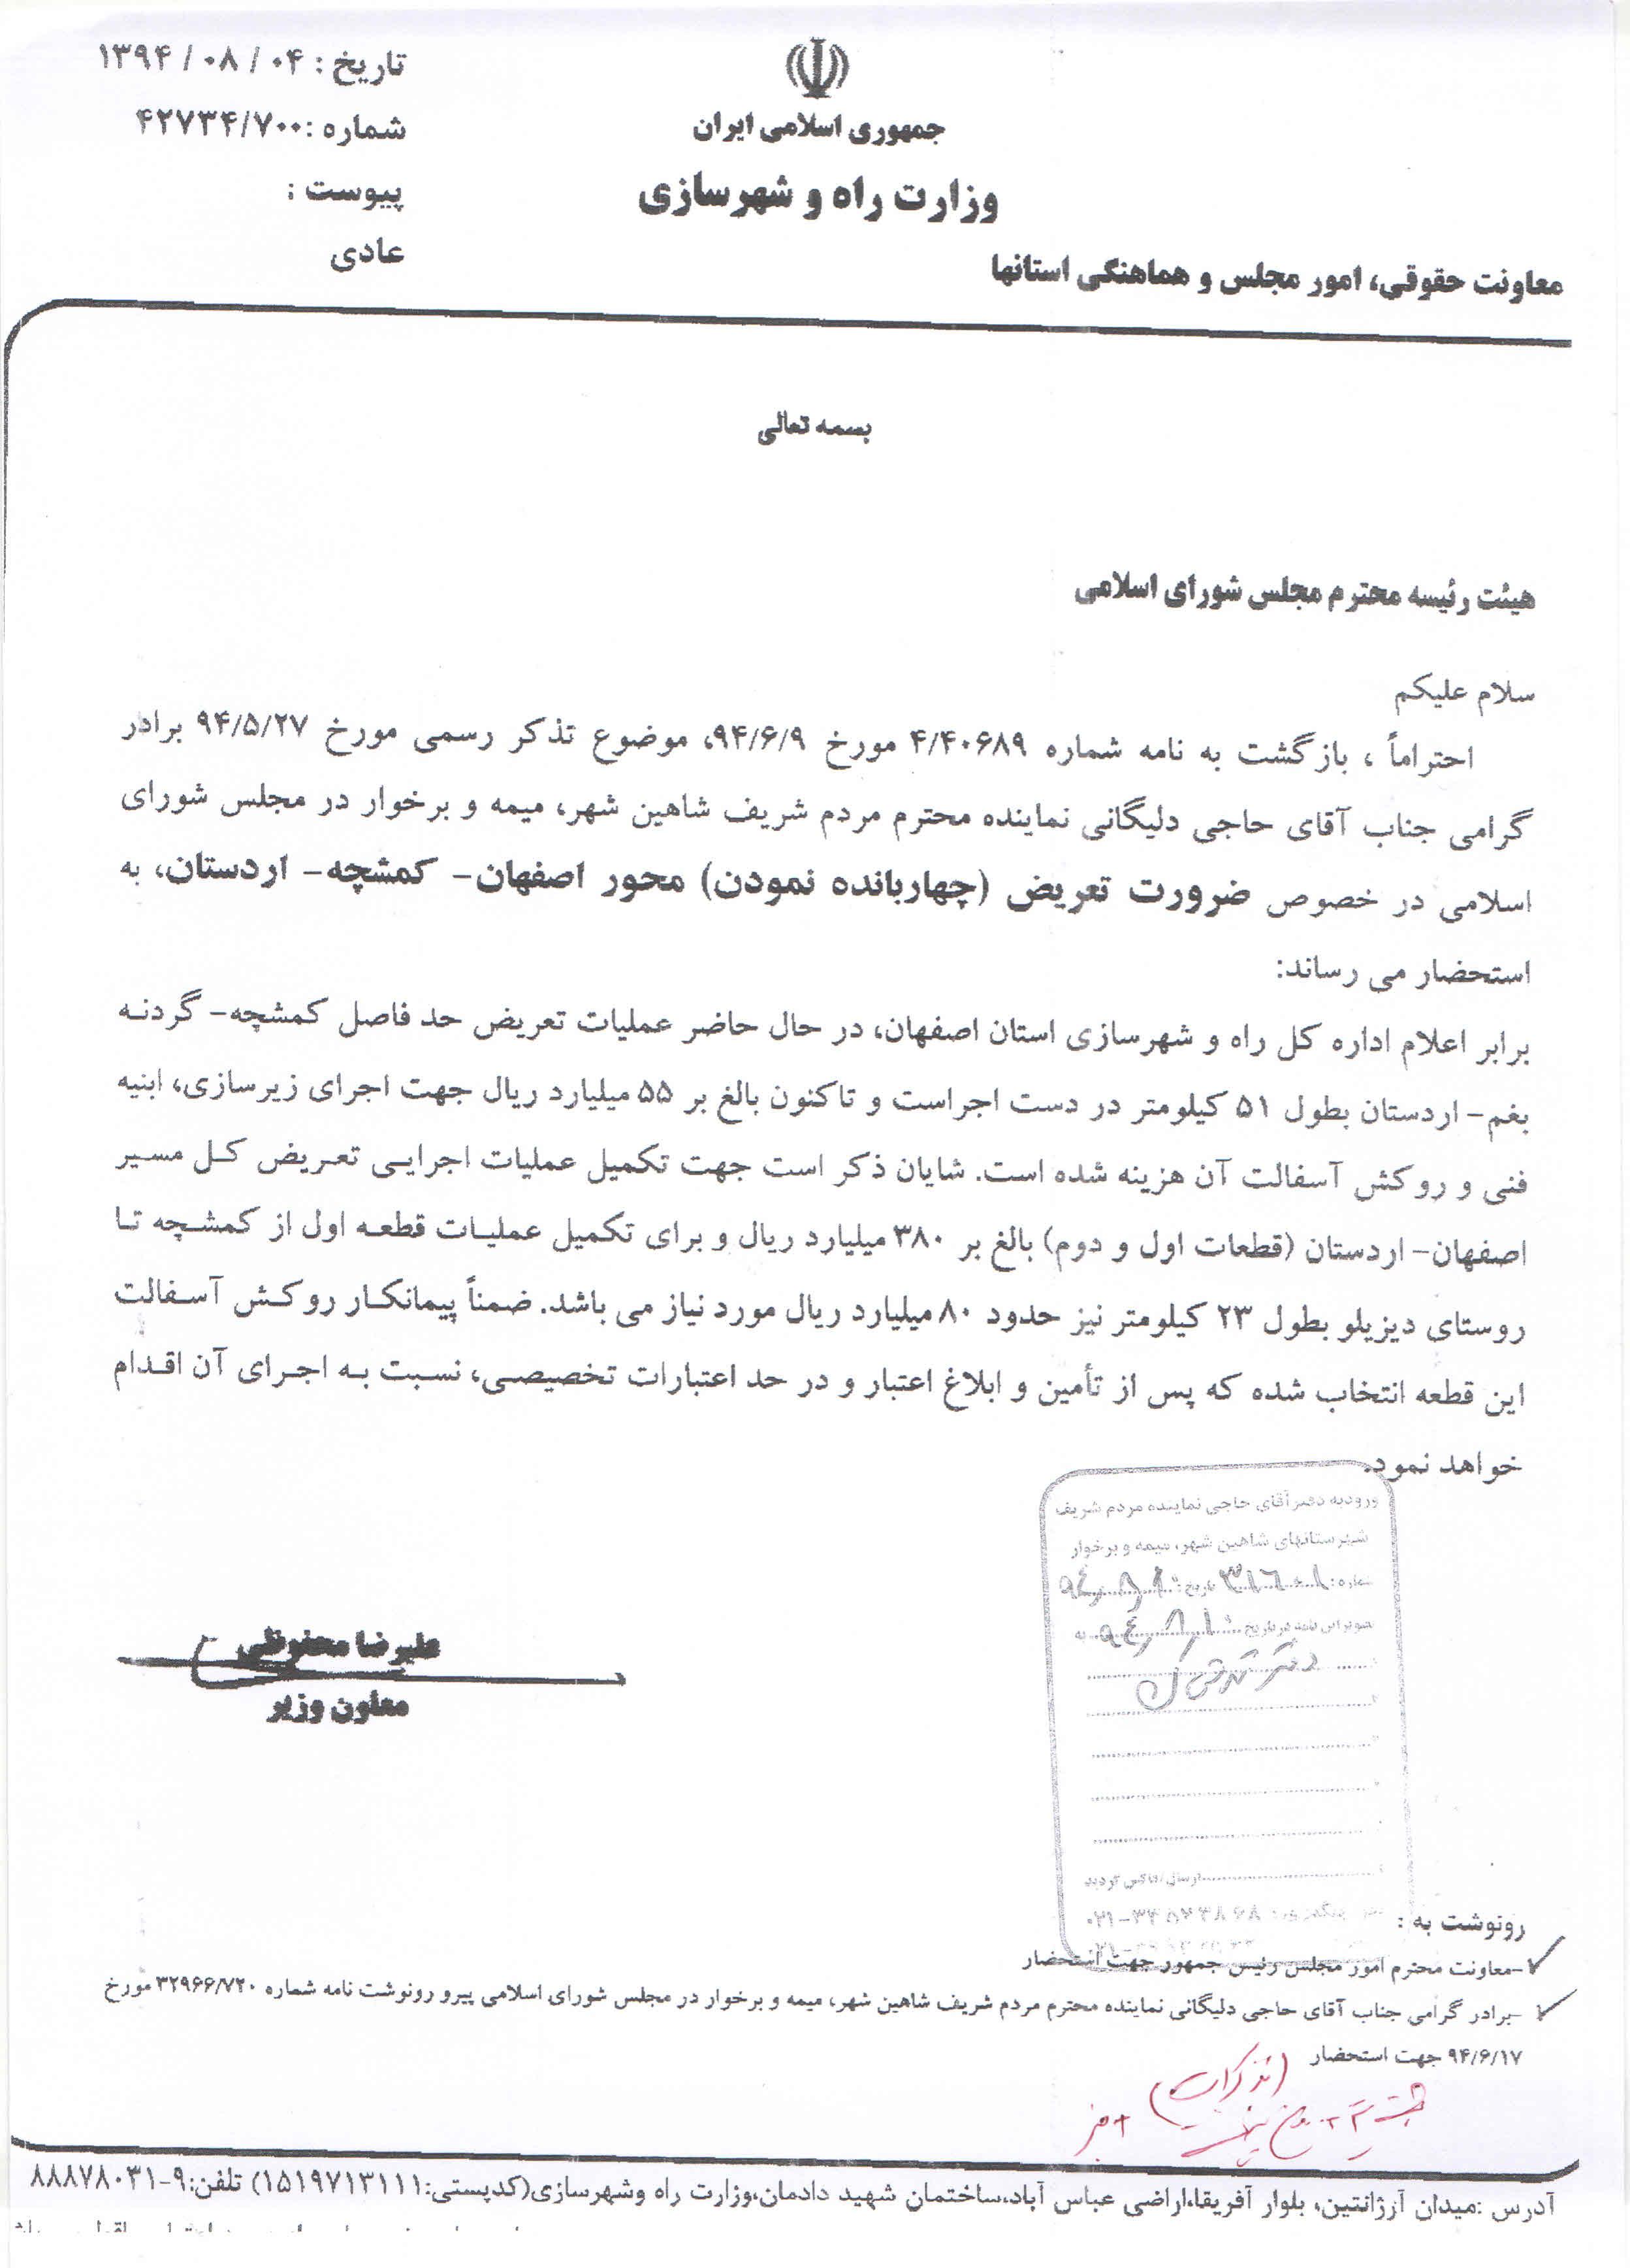 پاسخ وزارت راه وشهرسازی به تذکر آقای حاجی